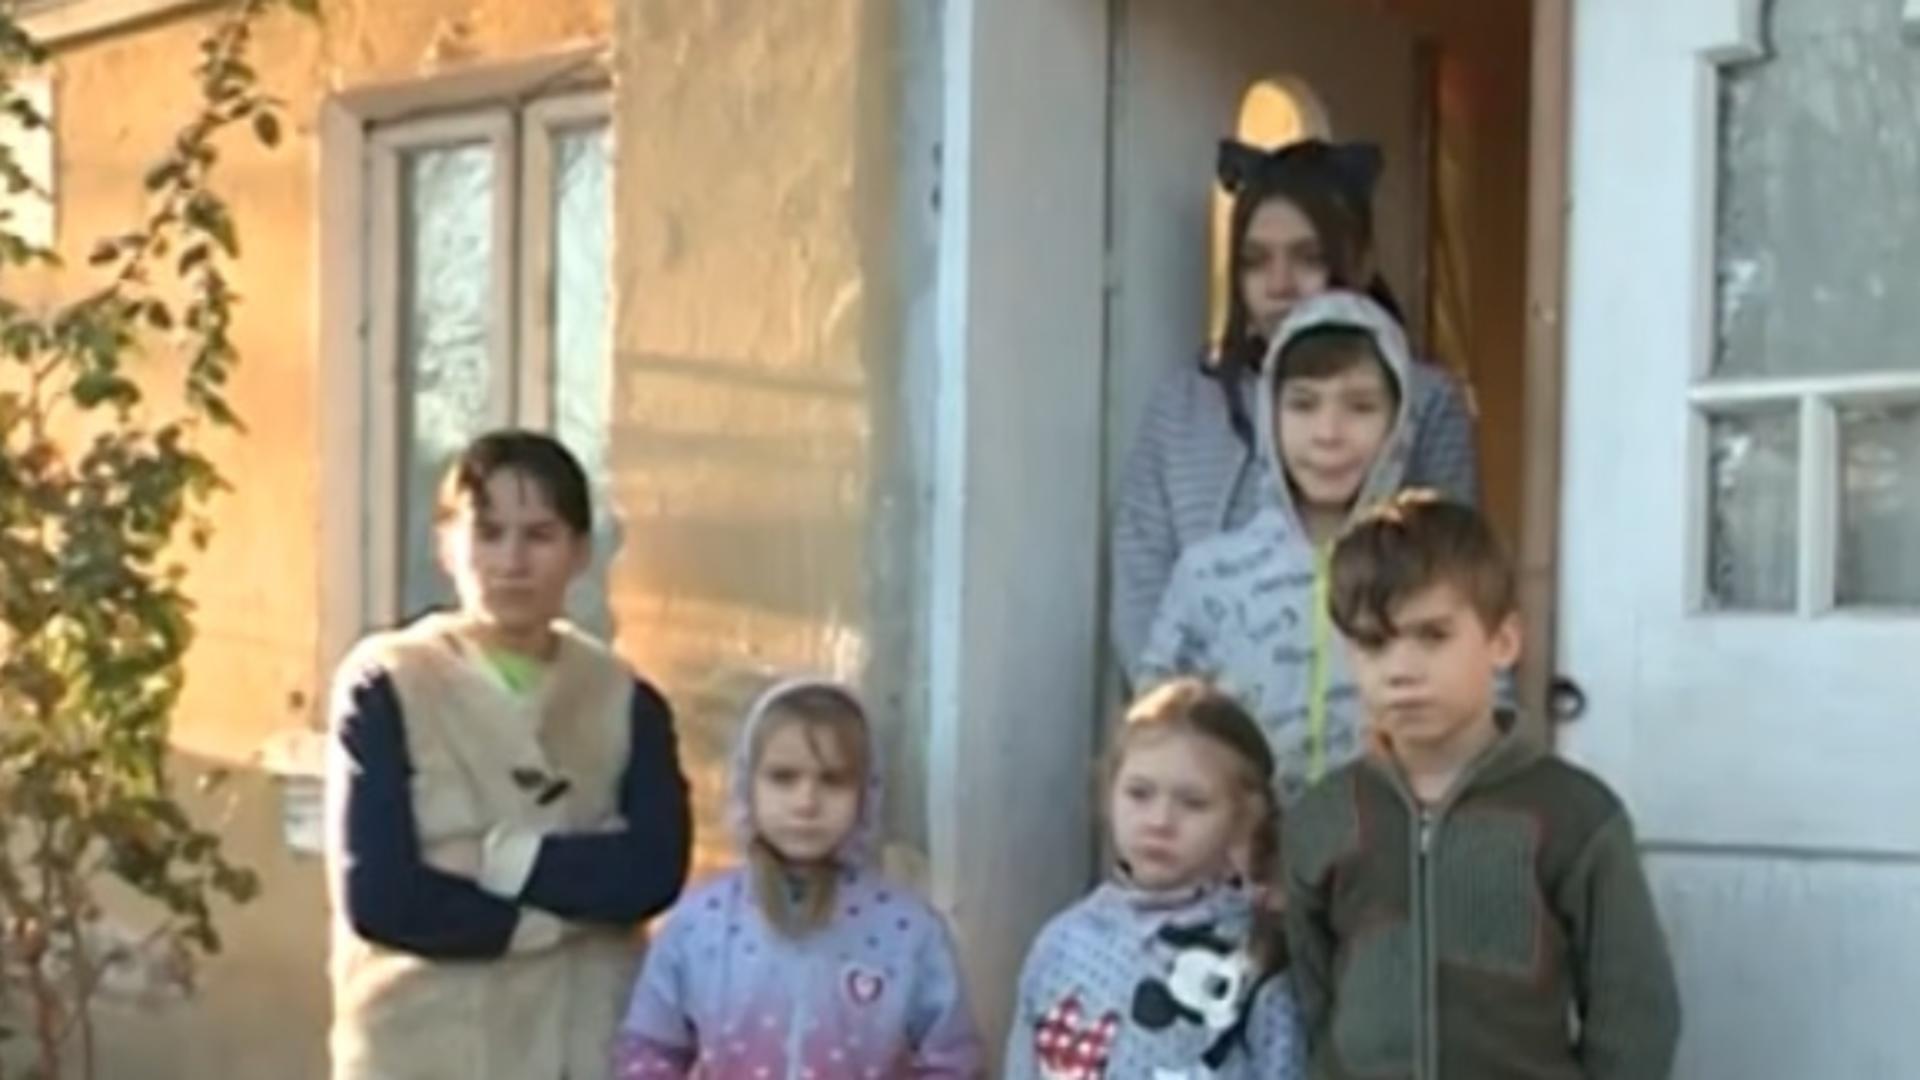 Realitatea de lângă tine. 5 copii superbi care rabdă de foame, dar au vise mari, în familia Poșircă, greu încercată